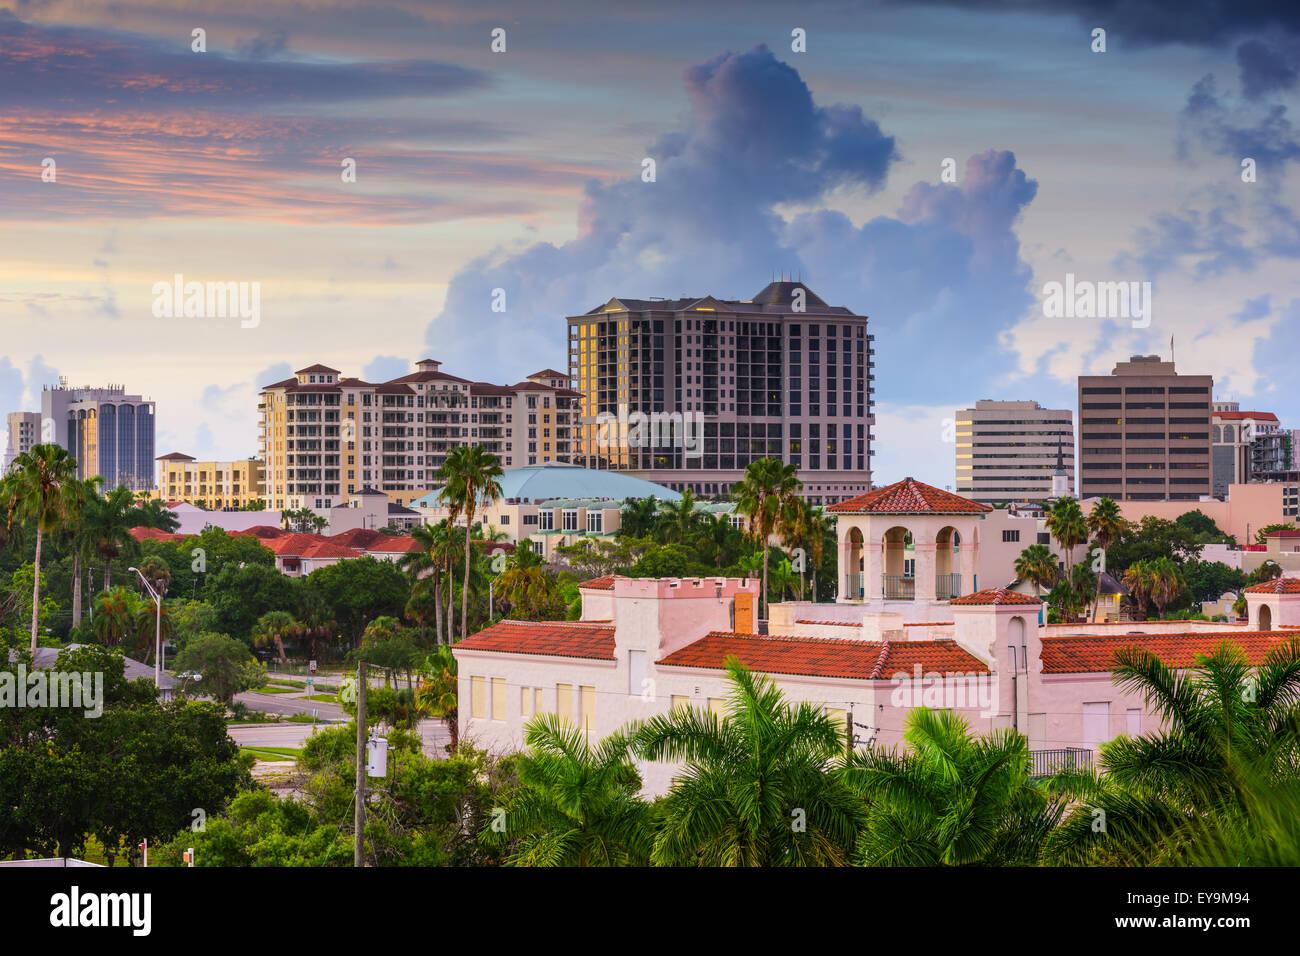 Sarasota, Florida, EE.UU. Perfil del centro de la ciudad. Imagen De Stock